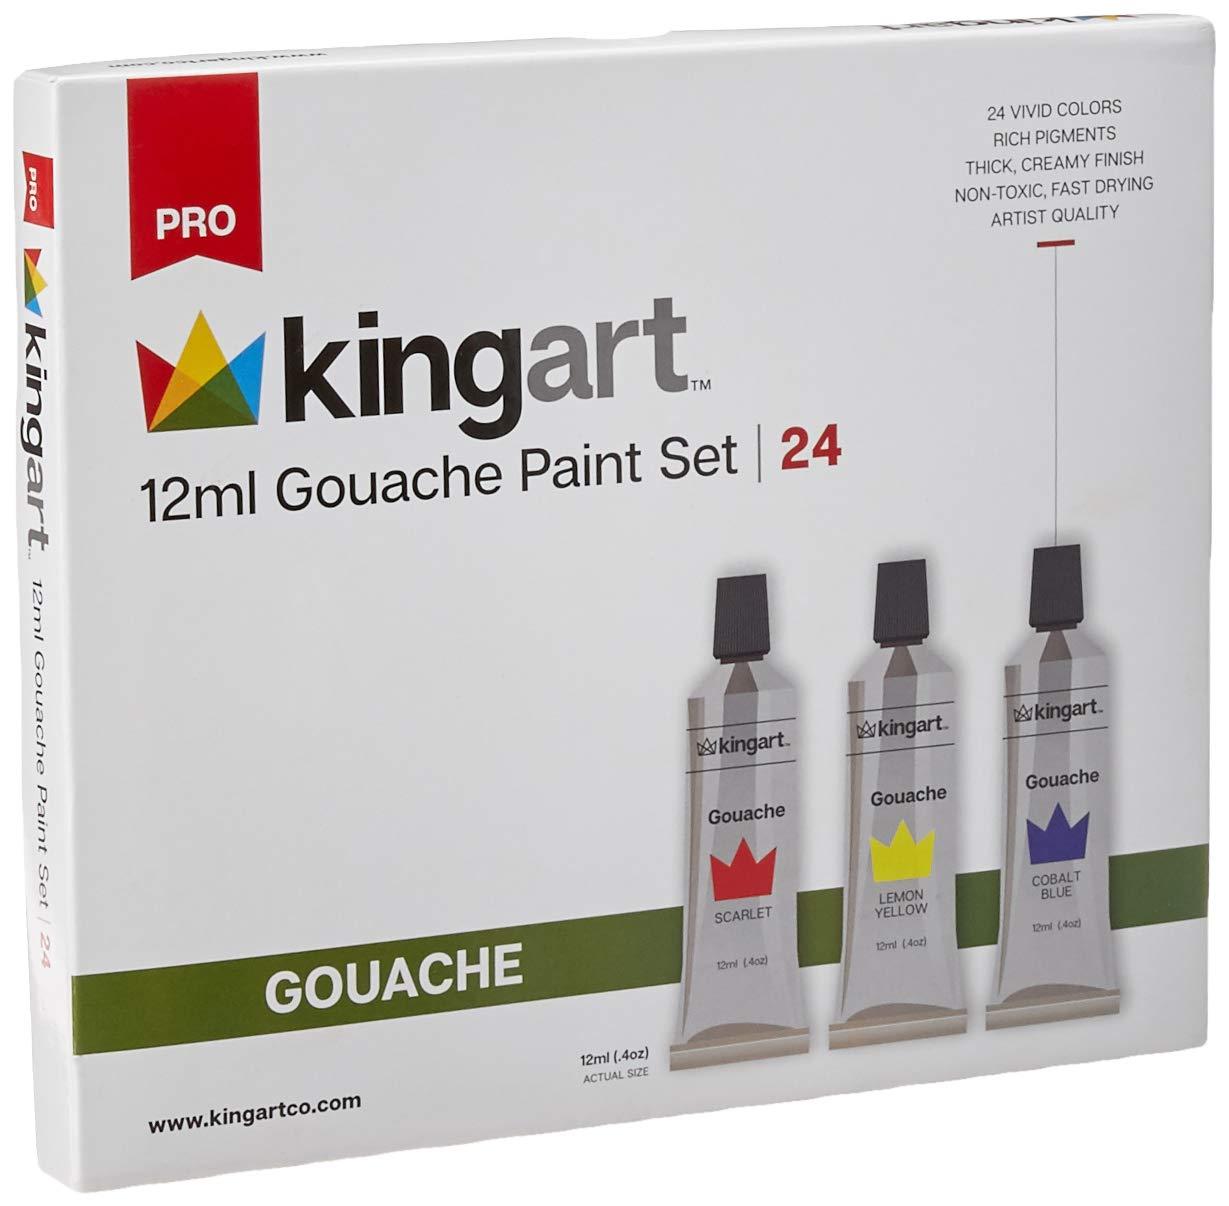 KingArt PRO Gouache Set Gouche Paint, 24 ea, Unique Colors